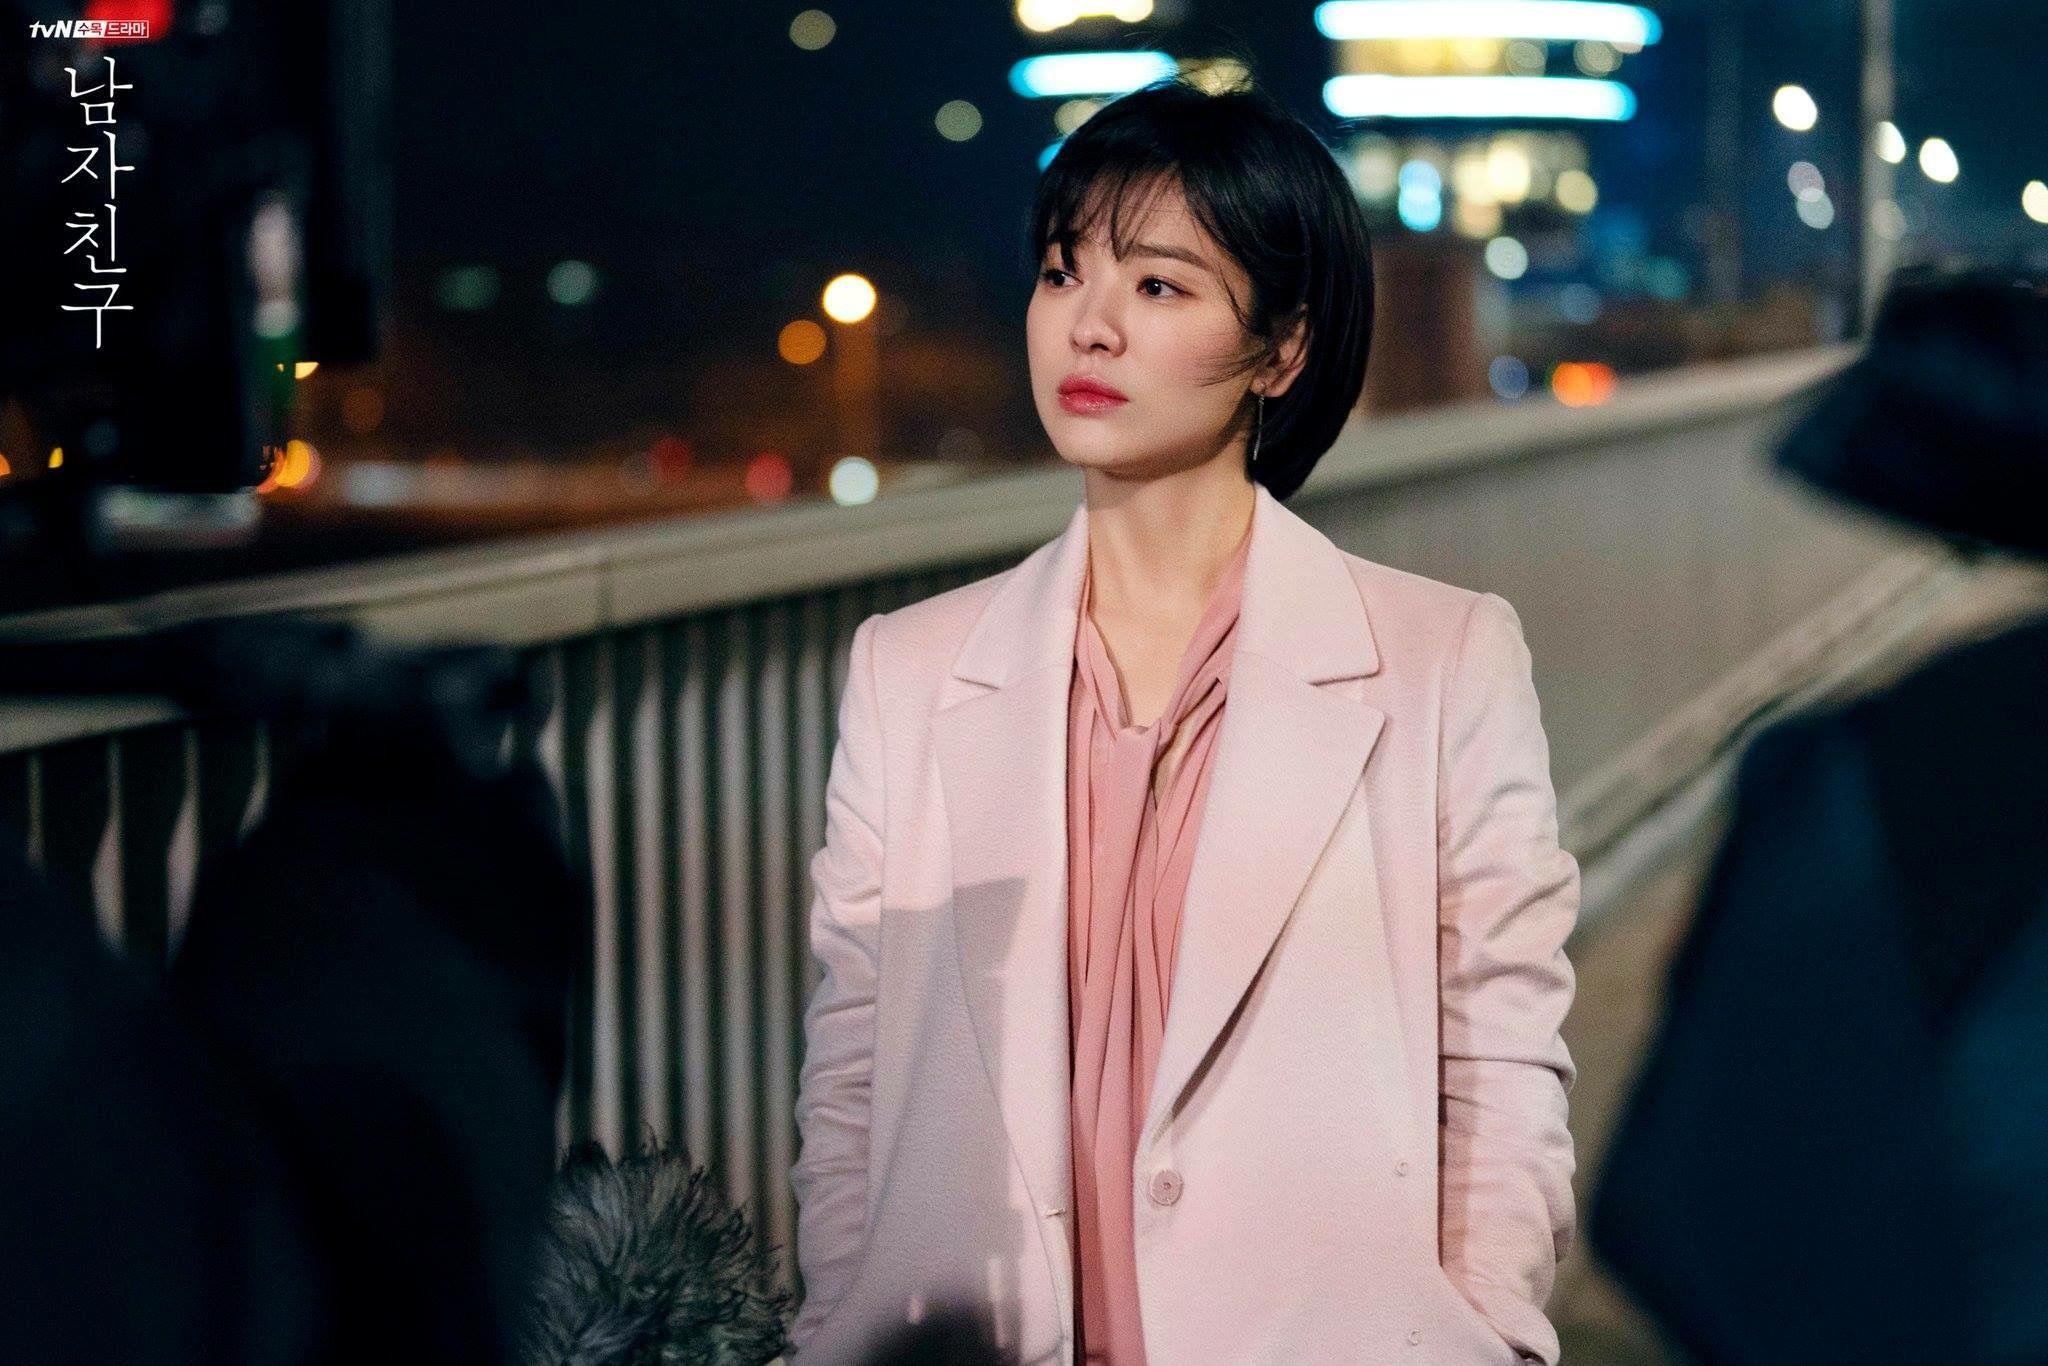 3 kiểu blazer sao Hàn hay diện trong phim, đã đẹp tinh tế còn không bao giờ lỗi mốt, nàng công sở rất nên học theo - Ảnh 1.